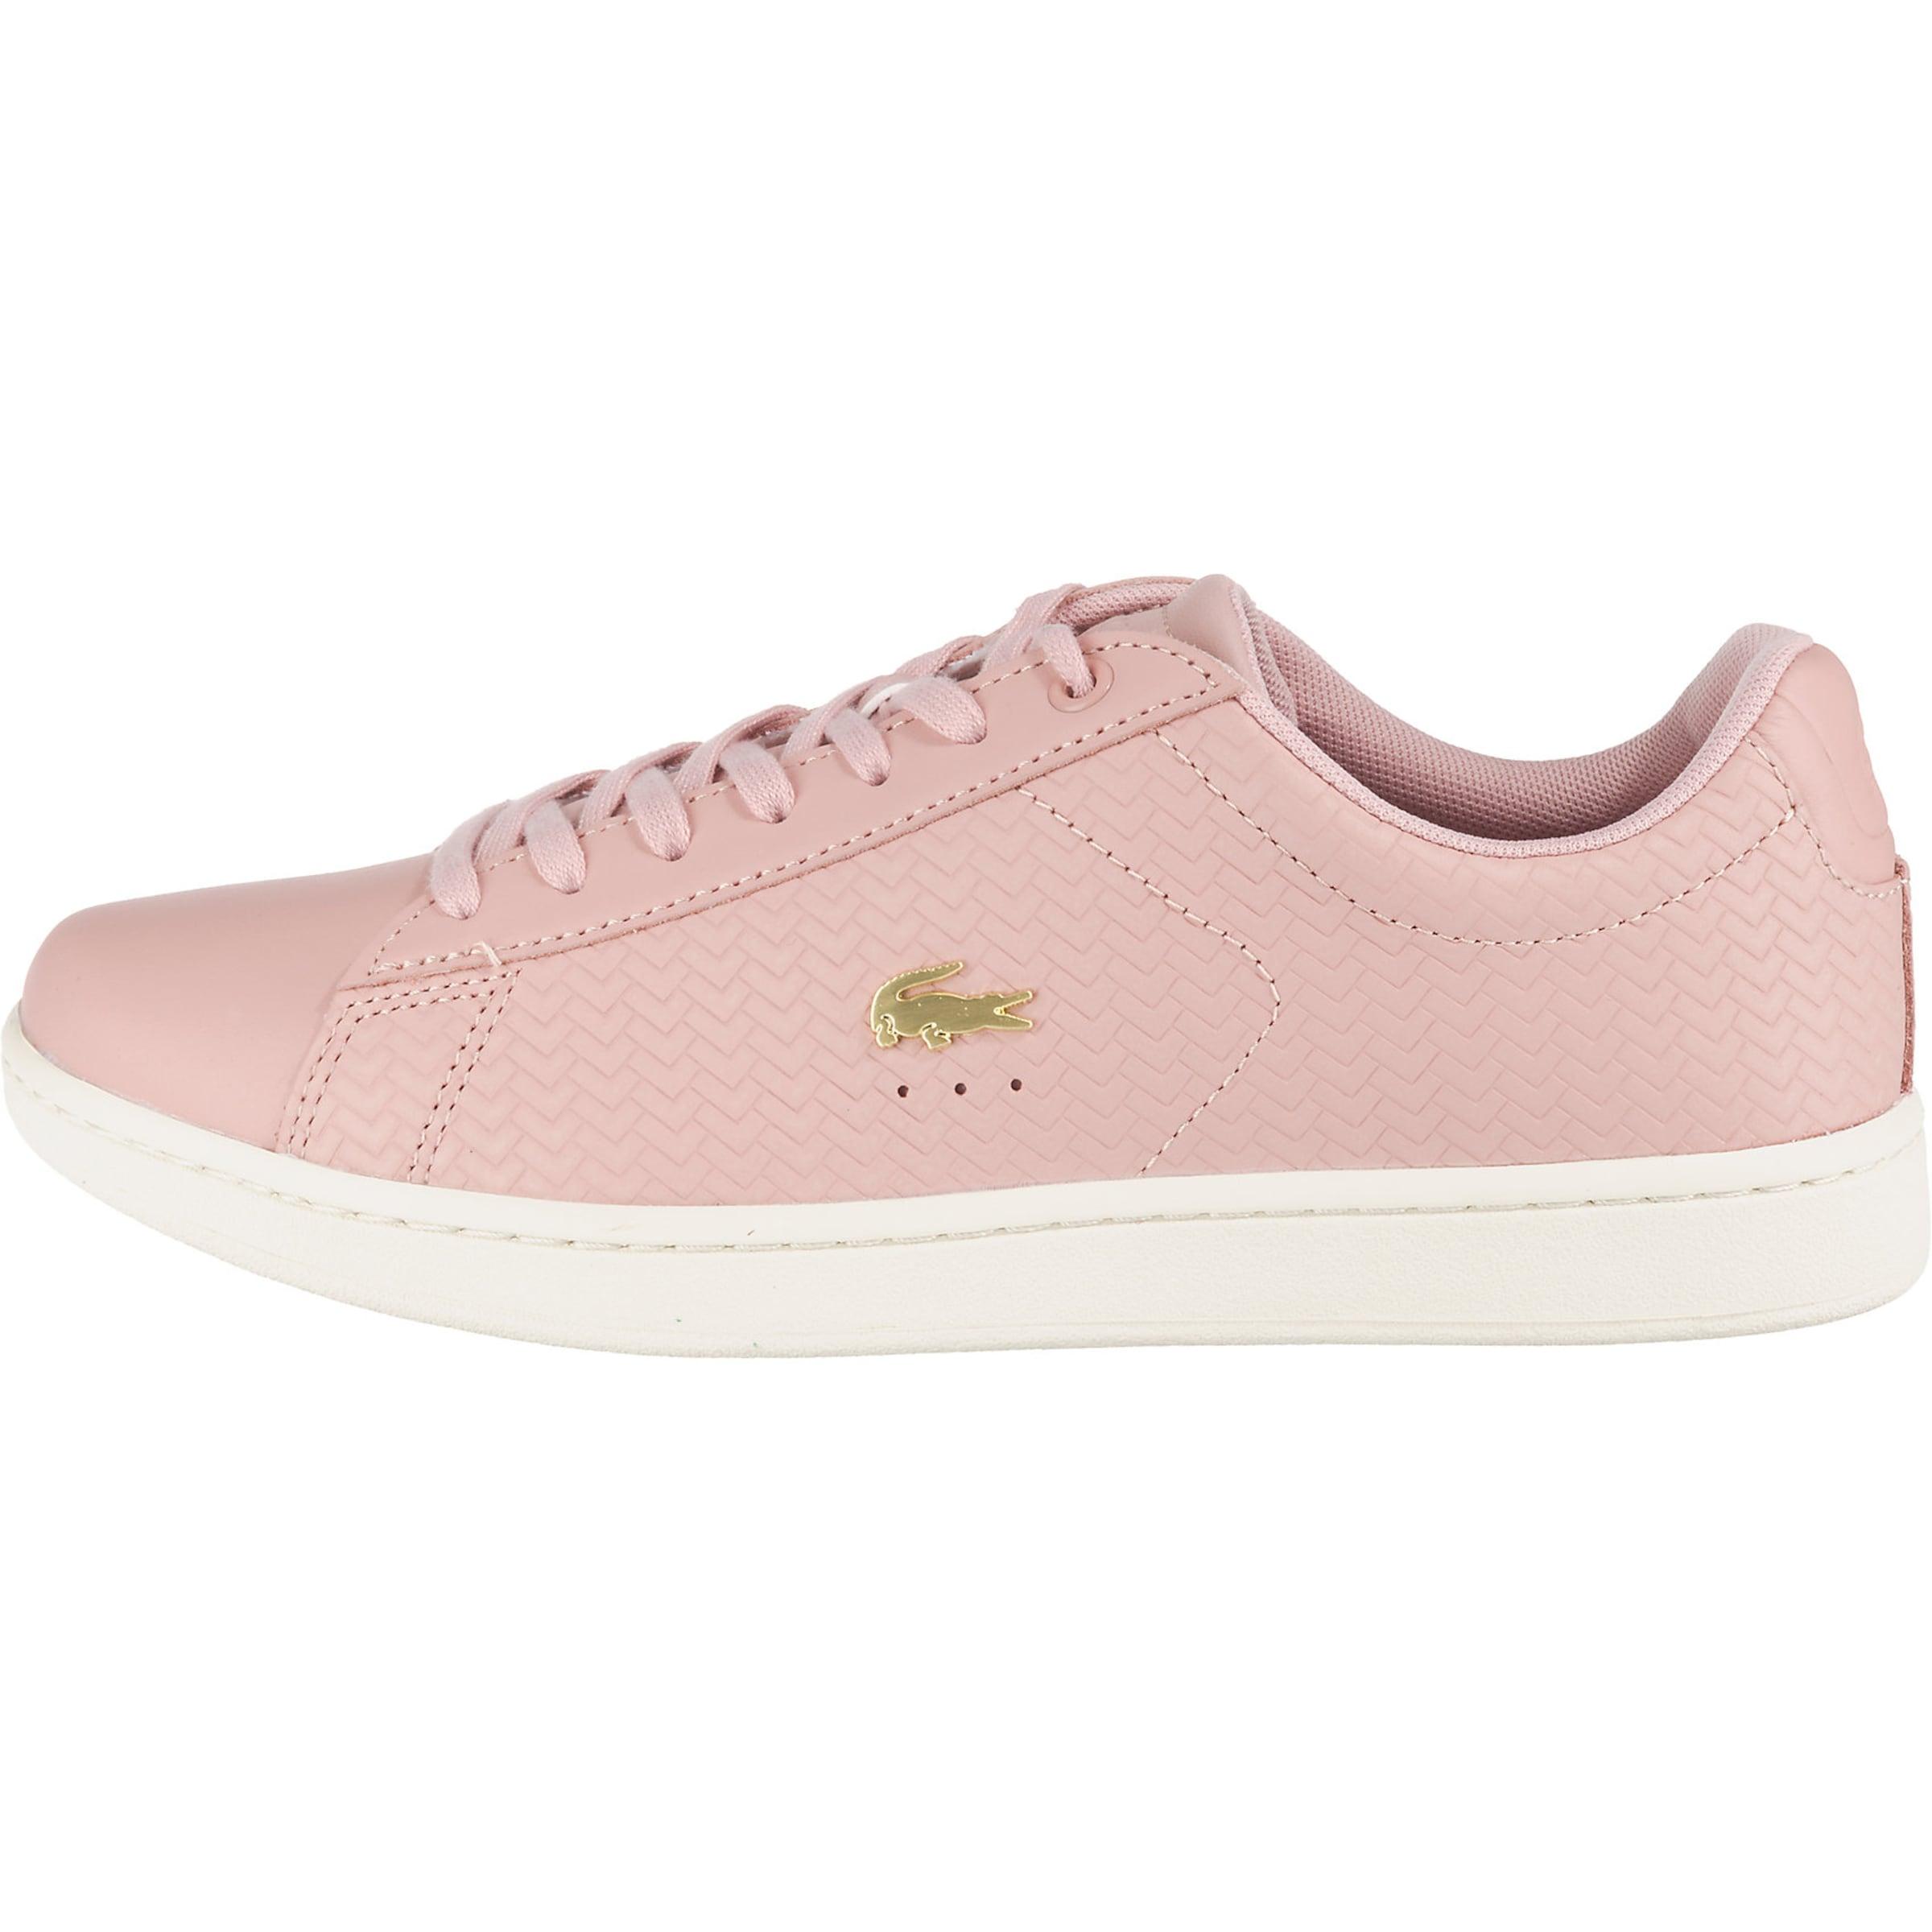 Sneaker In Lacoste Sneaker 'carnaby' Rosa Lacoste In 'carnaby' eD29YIWEH